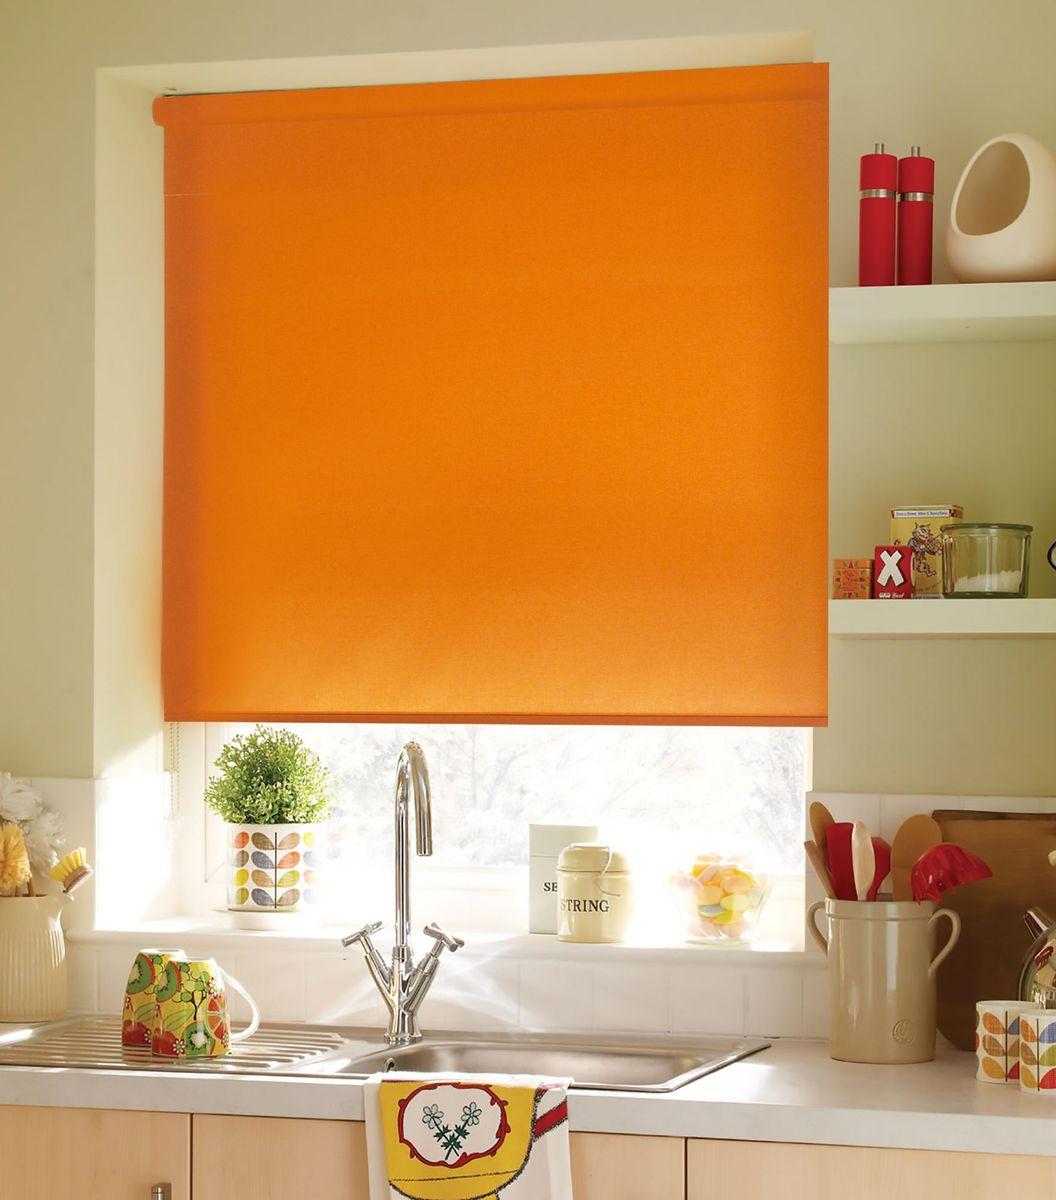 Штора рулонная Эскар, цвет: апельсиновый, ширина 60 см, высота 170 см81203060170Рулонными шторами можно оформлять окна как самостоятельно, так и использовать в комбинации с портьерами. Это поможет предотвратить выгорание дорогой ткани на солнце и соединит функционал рулонных с красотой навесных. Преимущества применения рулонных штор для пластиковых окон: - имеют прекрасный внешний вид: многообразие и фактурность материала изделия отлично смотрятся в любом интерьере; - многофункциональны: есть возможность подобрать шторы способные эффективно защитить комнату от солнца, при этом она не будет слишком темной. - Есть возможность осуществить быстрый монтаж. ВНИМАНИЕ! Размеры ширины изделия указаны по ширине ткани! Во время эксплуатации не рекомендуется полностью разматывать рулон, чтобы не оторвать ткань от намоточного вала. В случае загрязнения поверхности ткани, чистку шторы проводят одним из способов, в зависимости от типа загрязнения: легкое поверхностное загрязнение можно удалить при помощи канцелярского ластика; чистка от пыли производится сухим методом при...